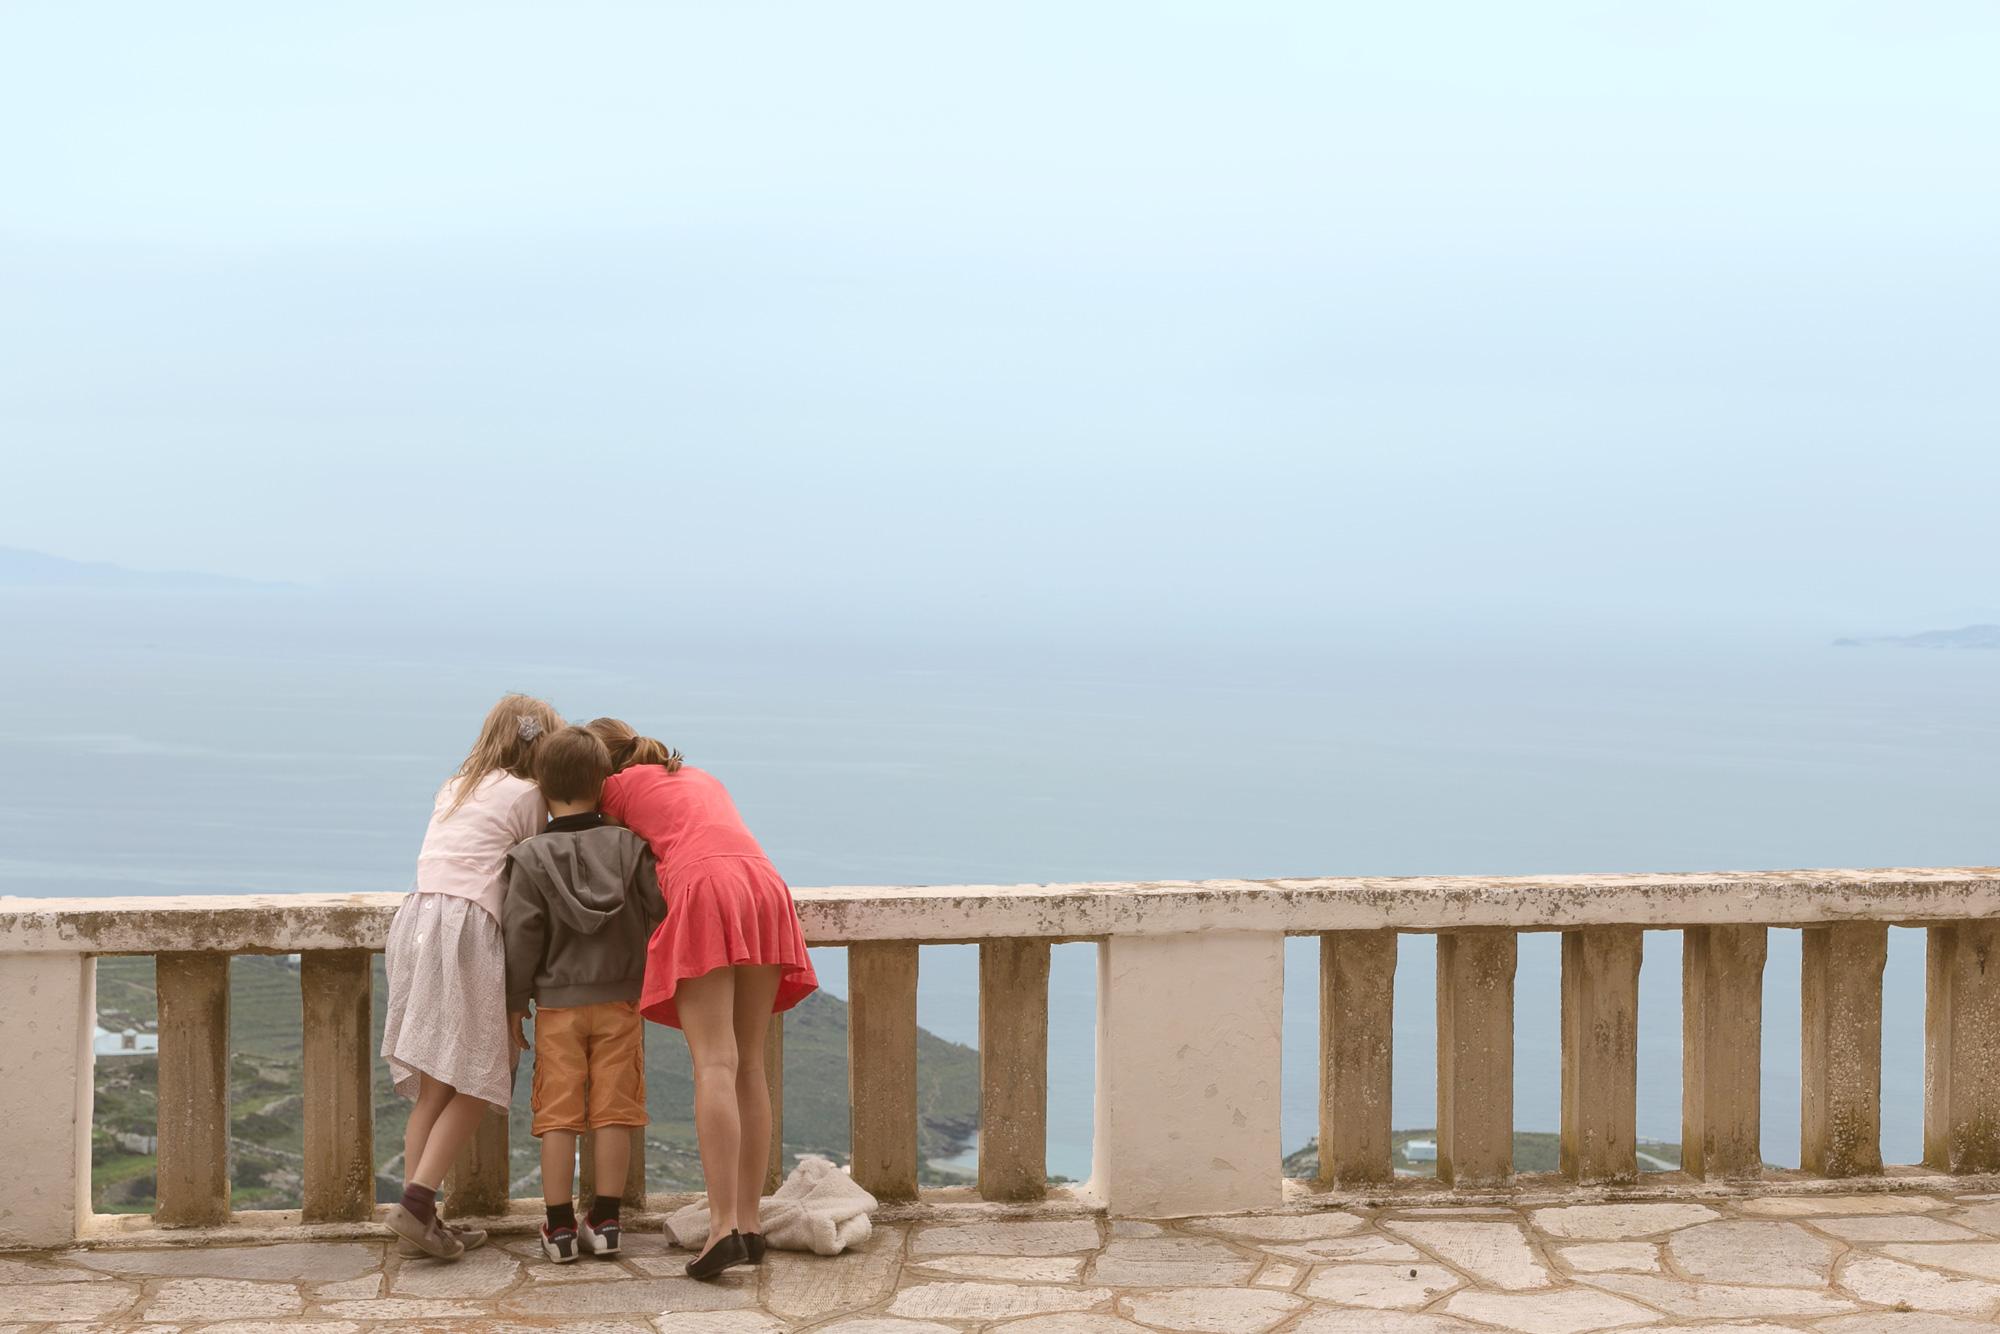 Τρια παιδιά κοιτούν κάτι με μεγάλη περιέργεια στην Τήνο το Πάσχα.